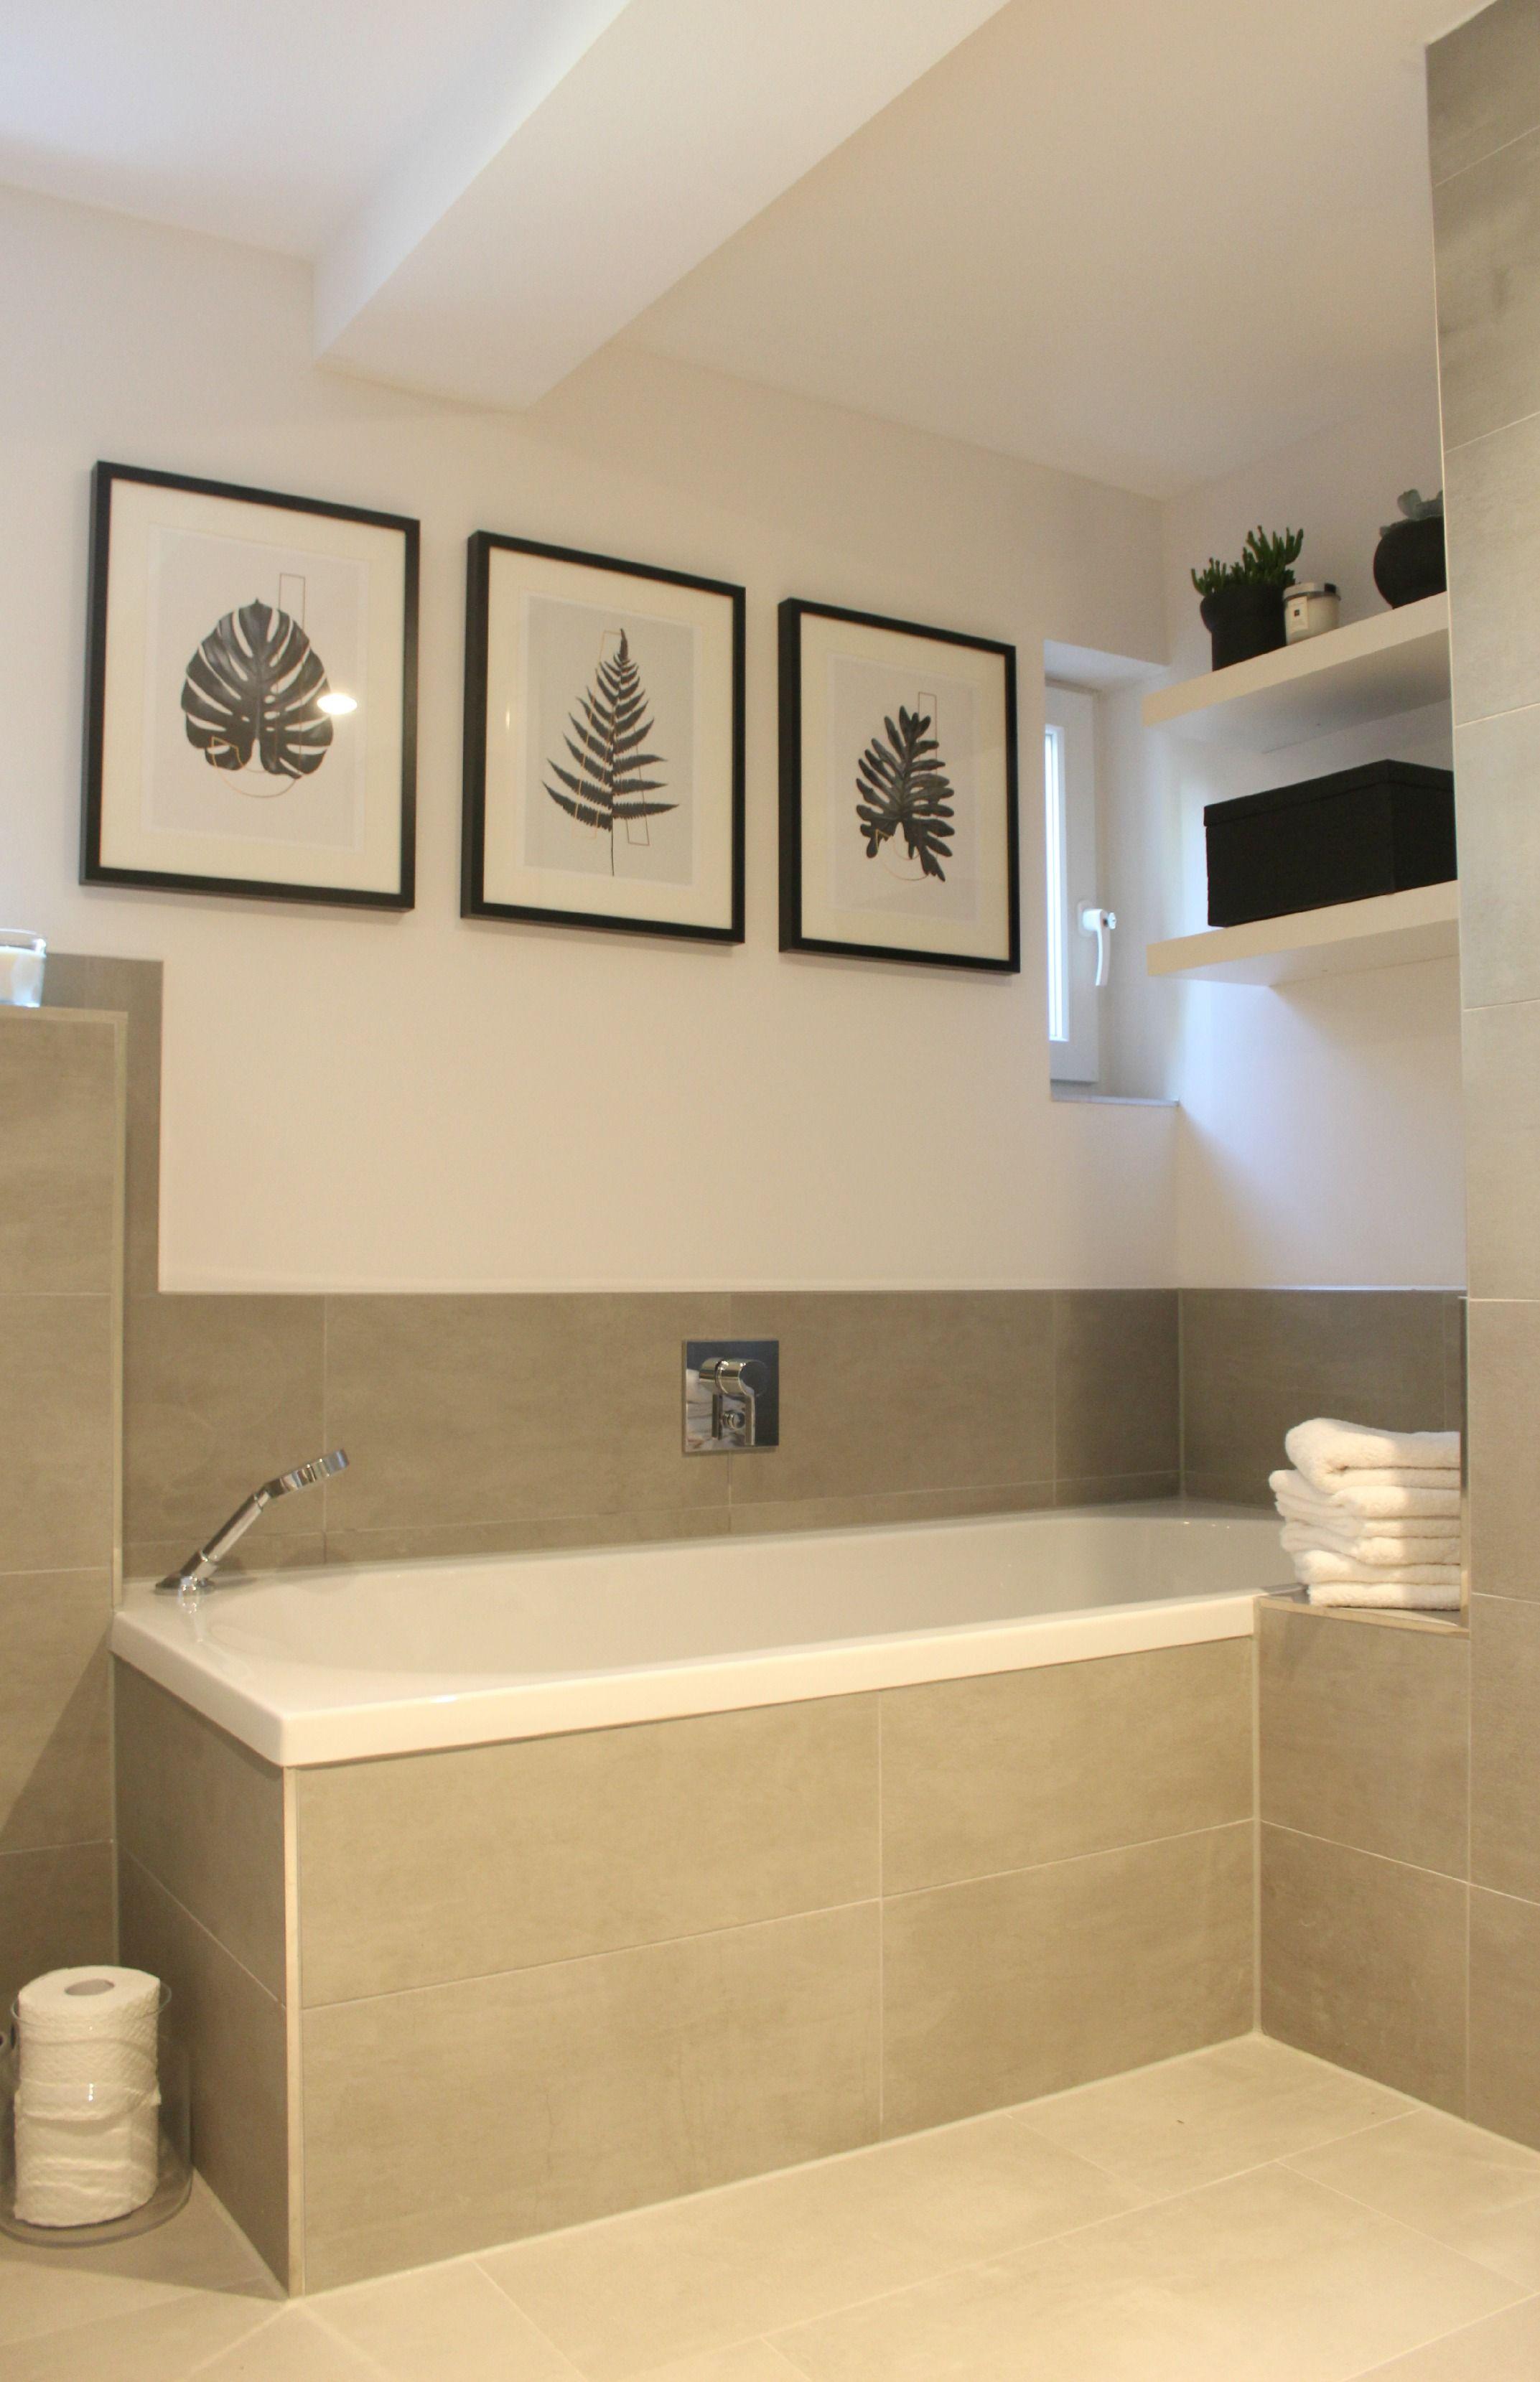 Das Neue Badezimmer Urban Jungle Oase Neues Badezimmer Bad Einrichten Badezimmer